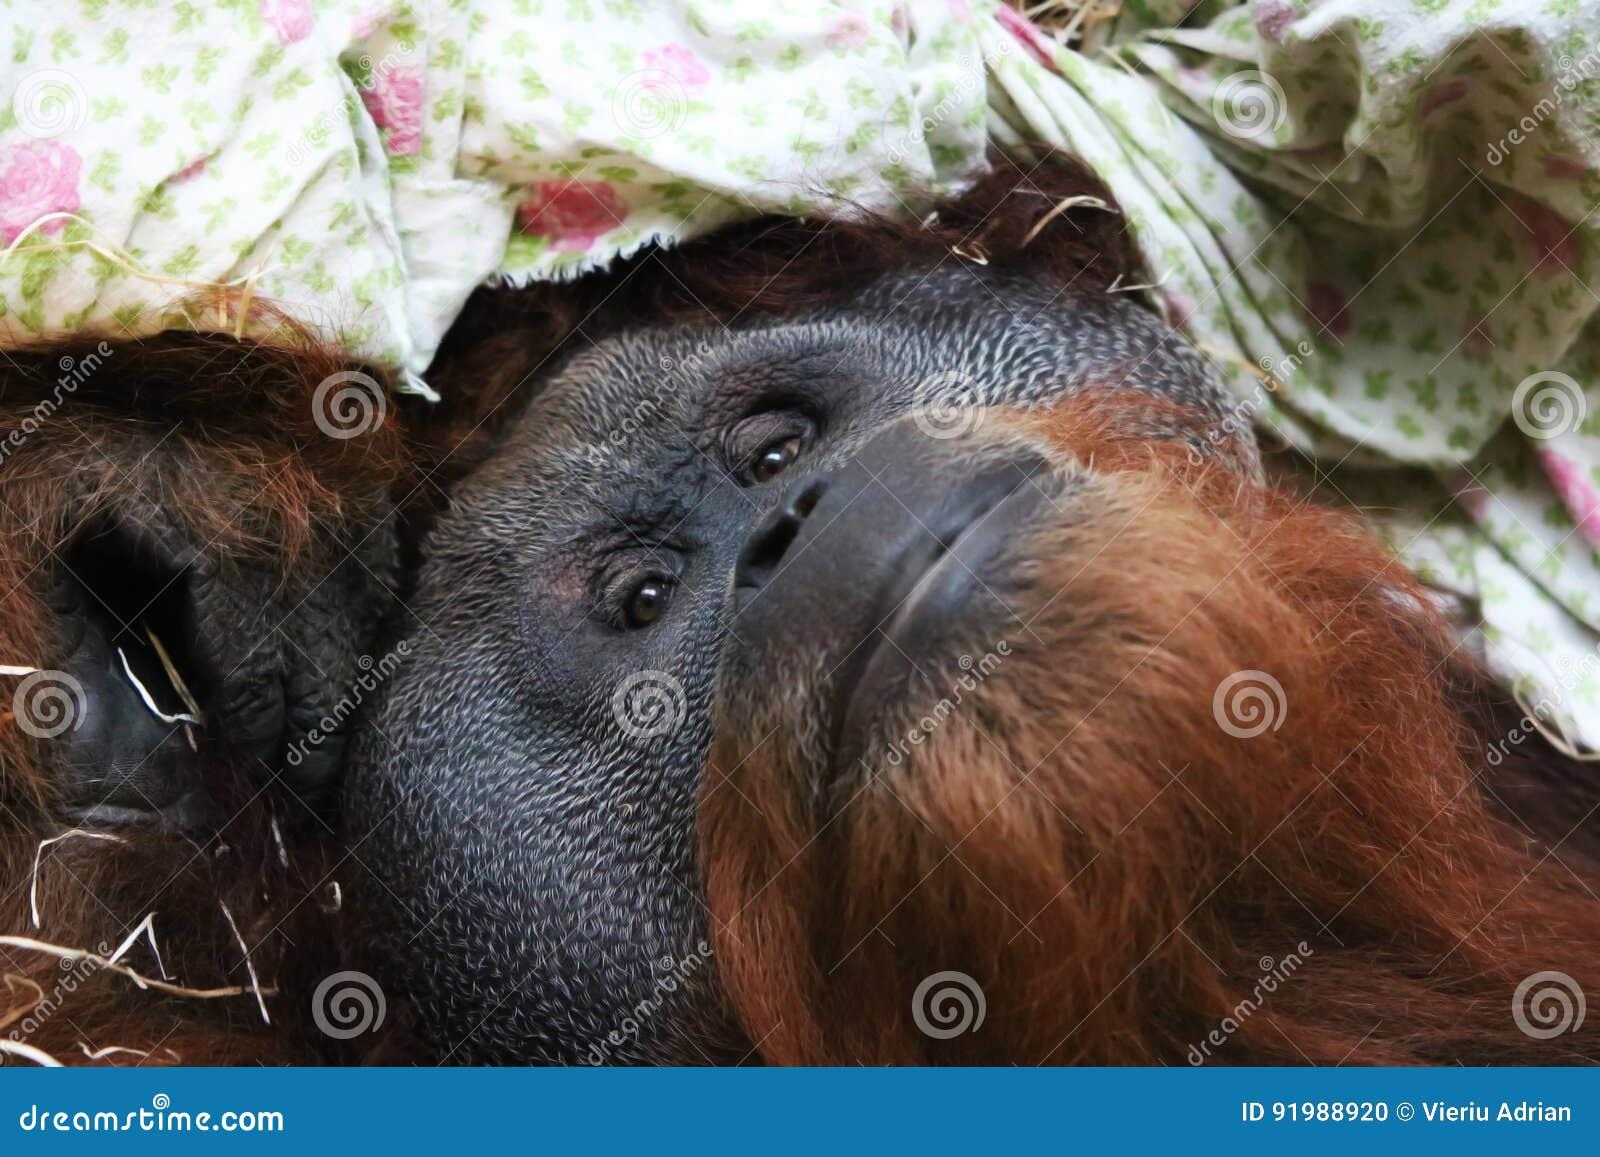 Monkey Animal Looking At You Baby Monkey Background Stock Photo